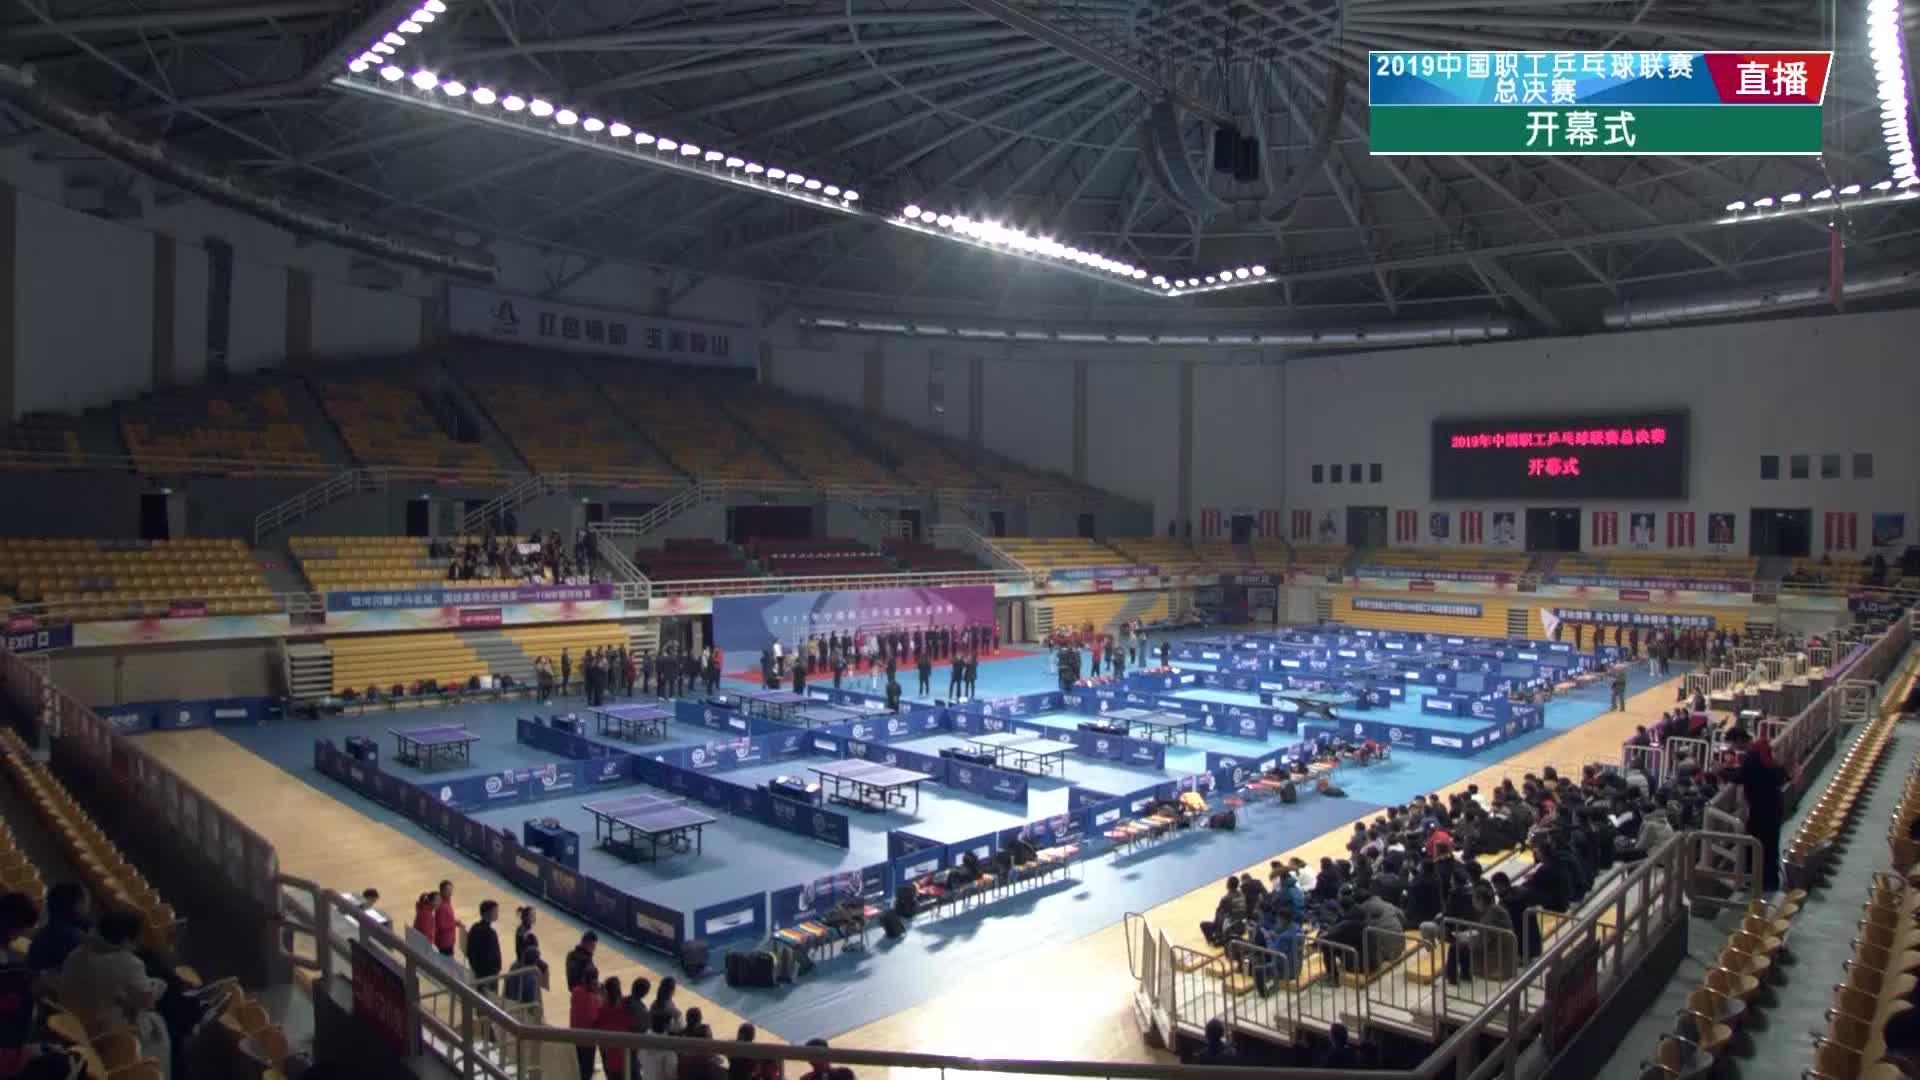 2019年中国职工乒乓球联赛总决赛开幕式